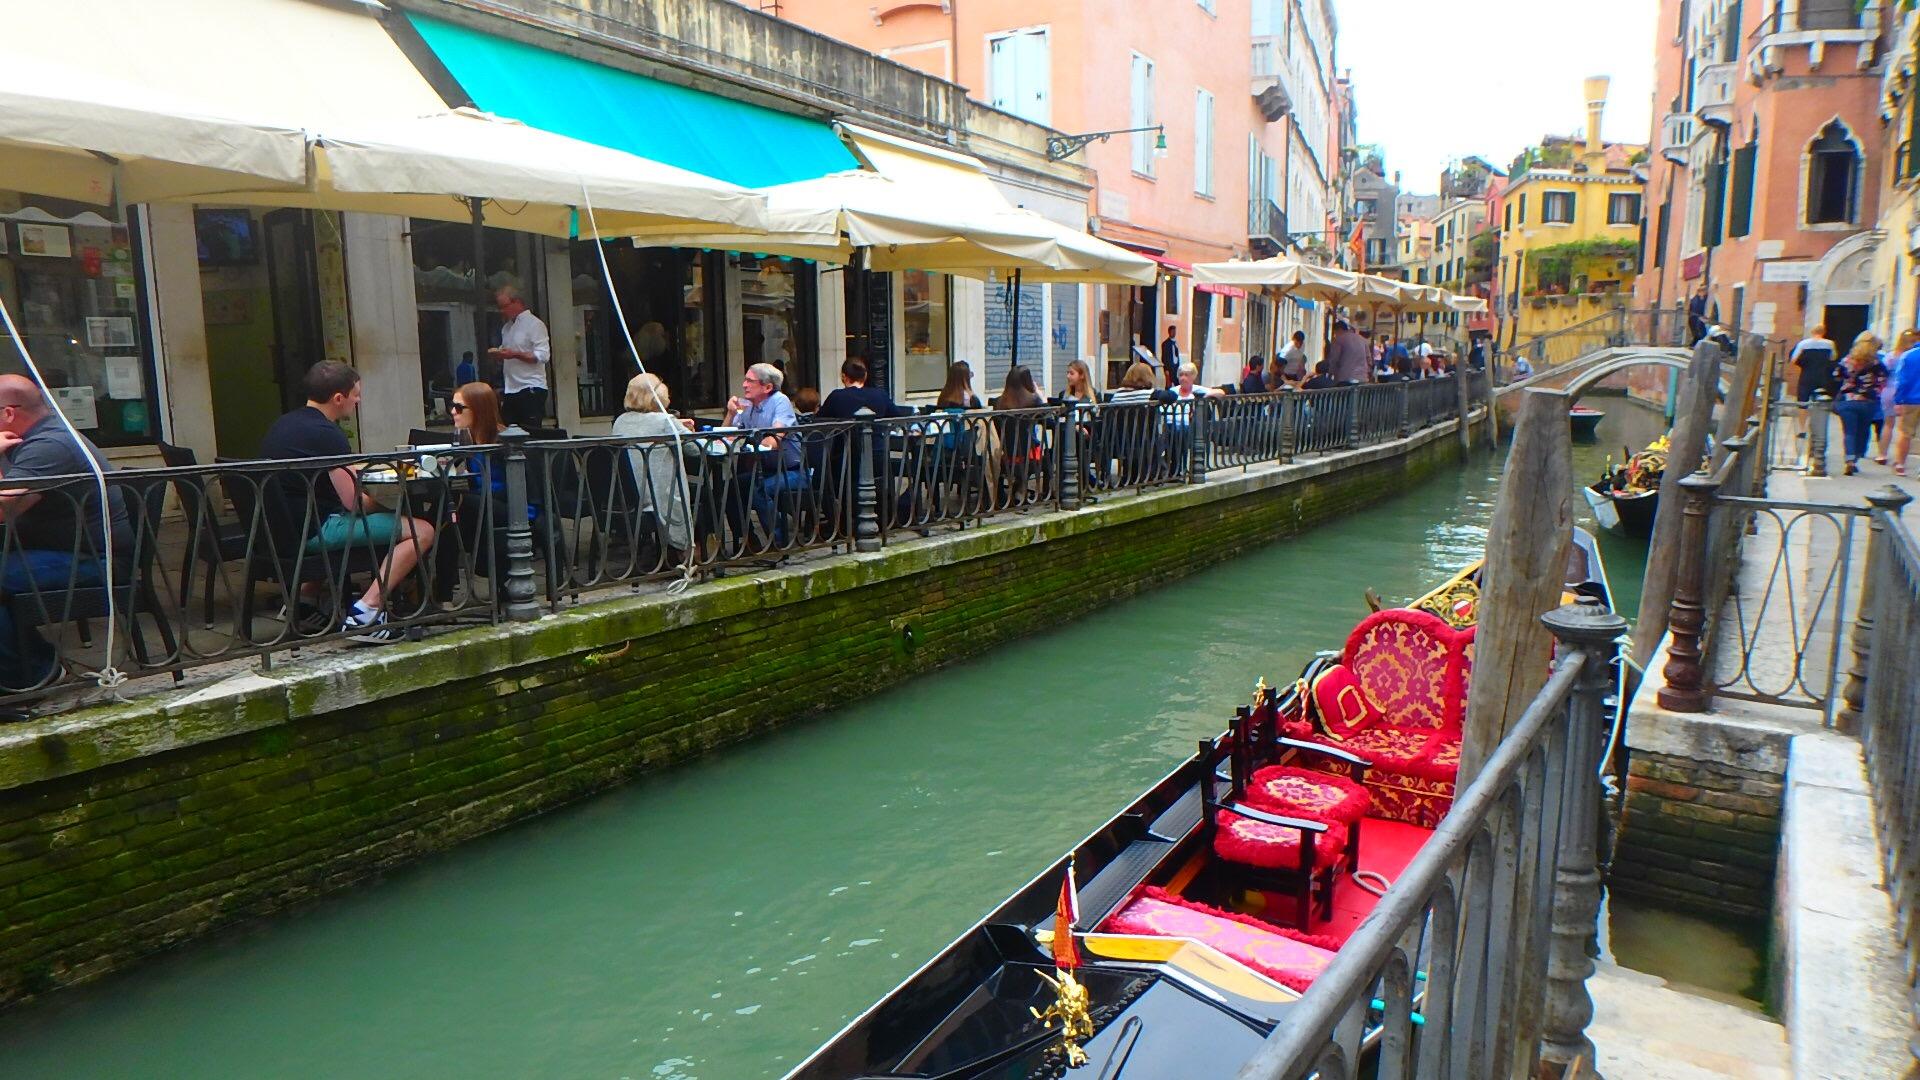 ヴェネチア テラス席のあるカフェレストランでのんびり